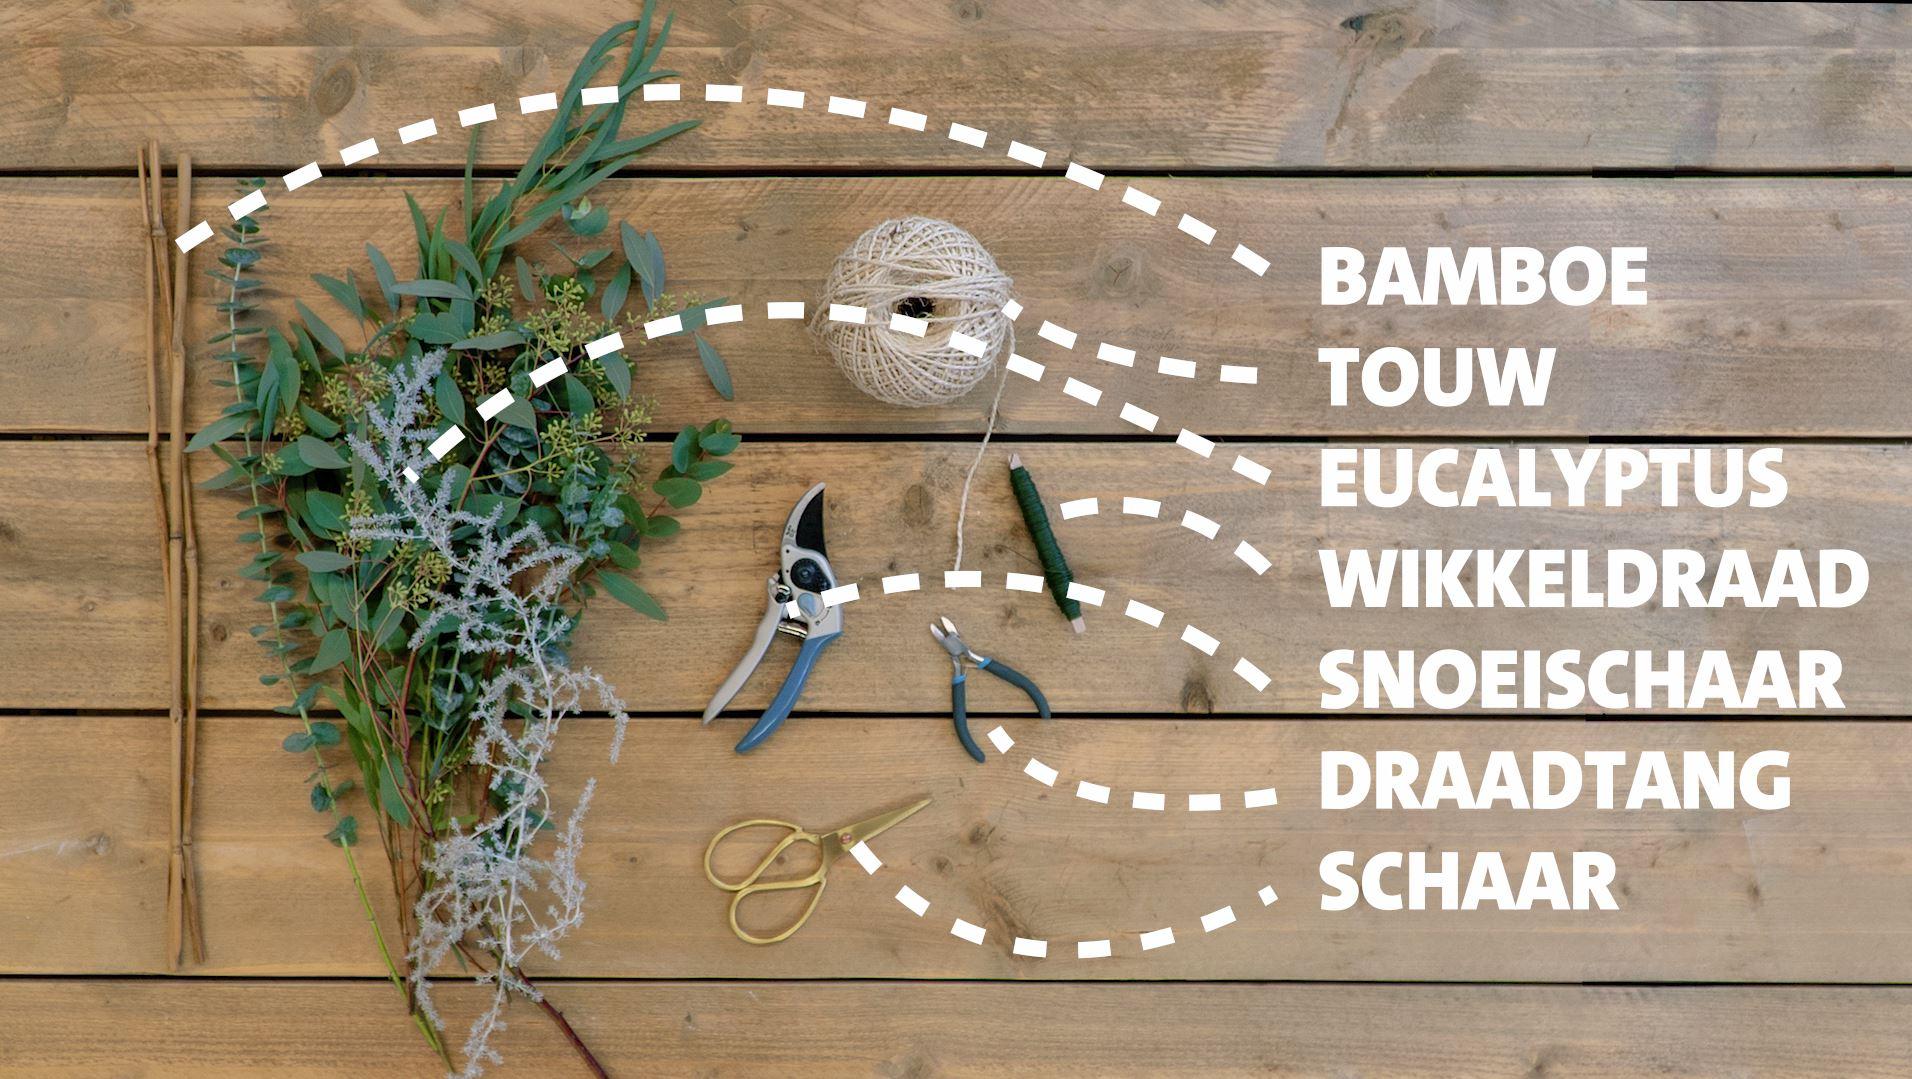 DIY: Driehoek met eucalyptus takken benodigdheden